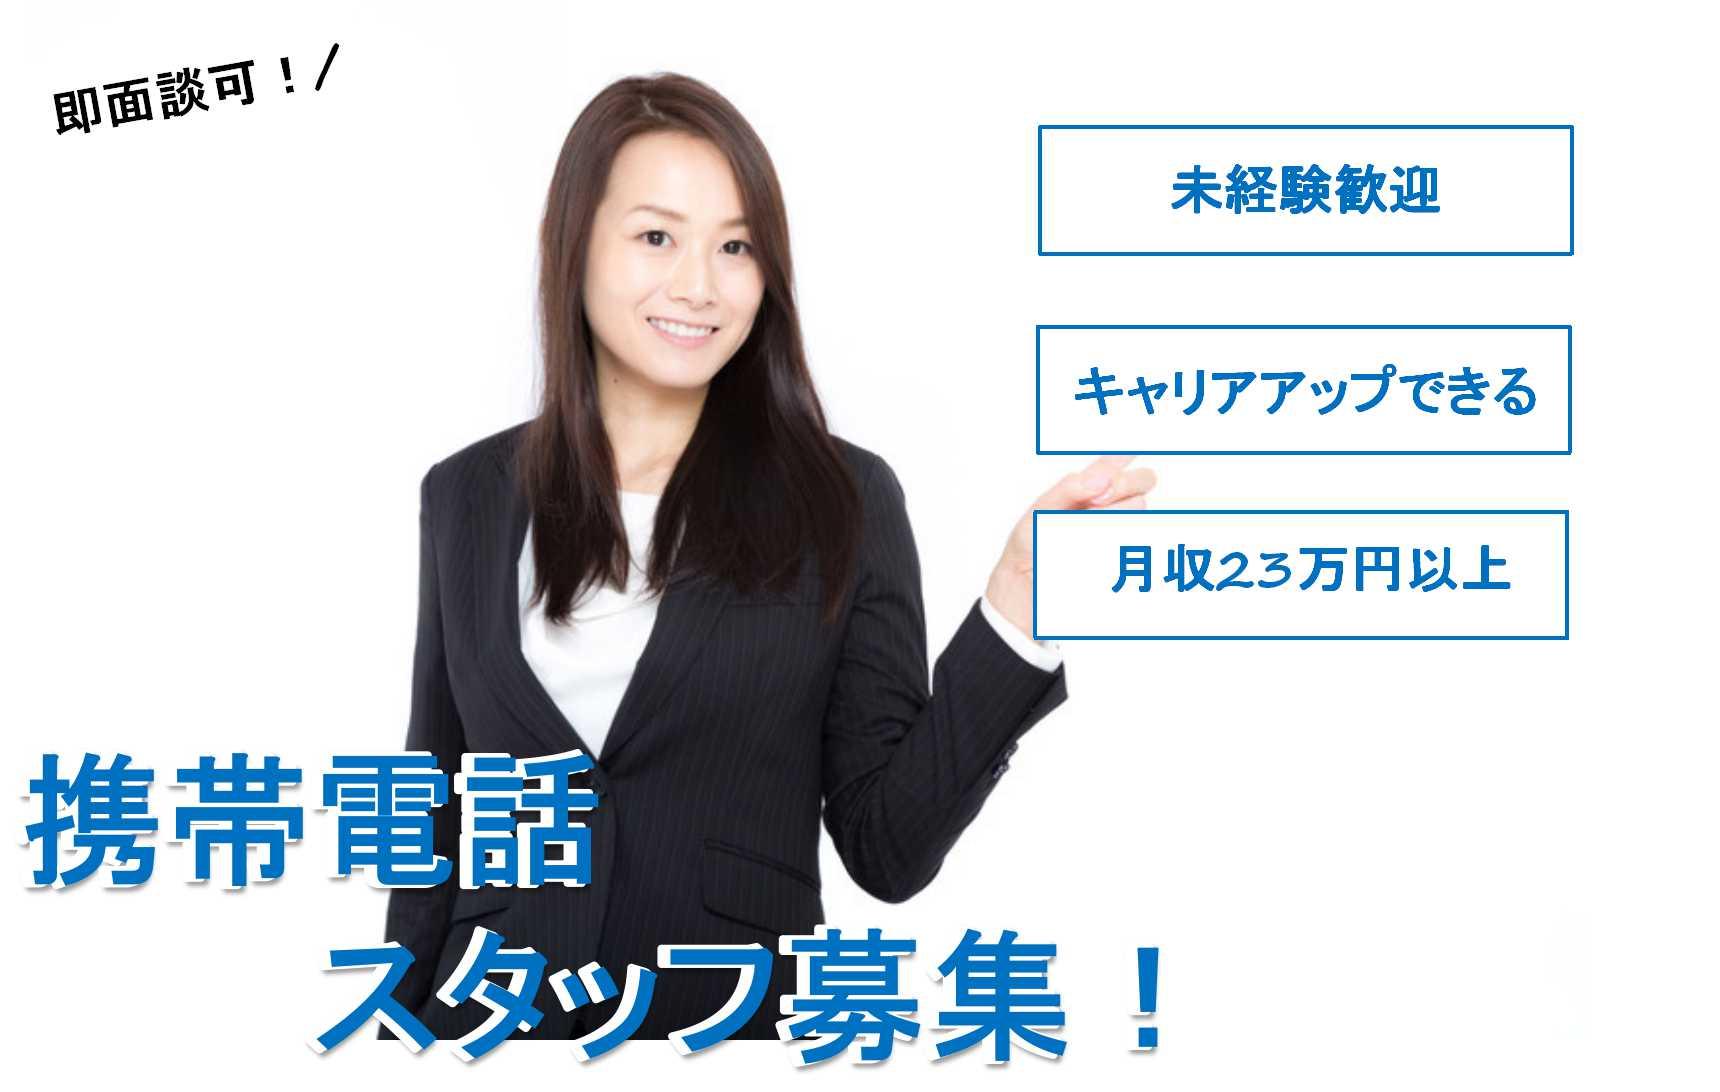 【愛知県安城市】向上心ある方大歓迎!個性を活かせる!携帯電話スタッフ【即面談可能】 イメージ